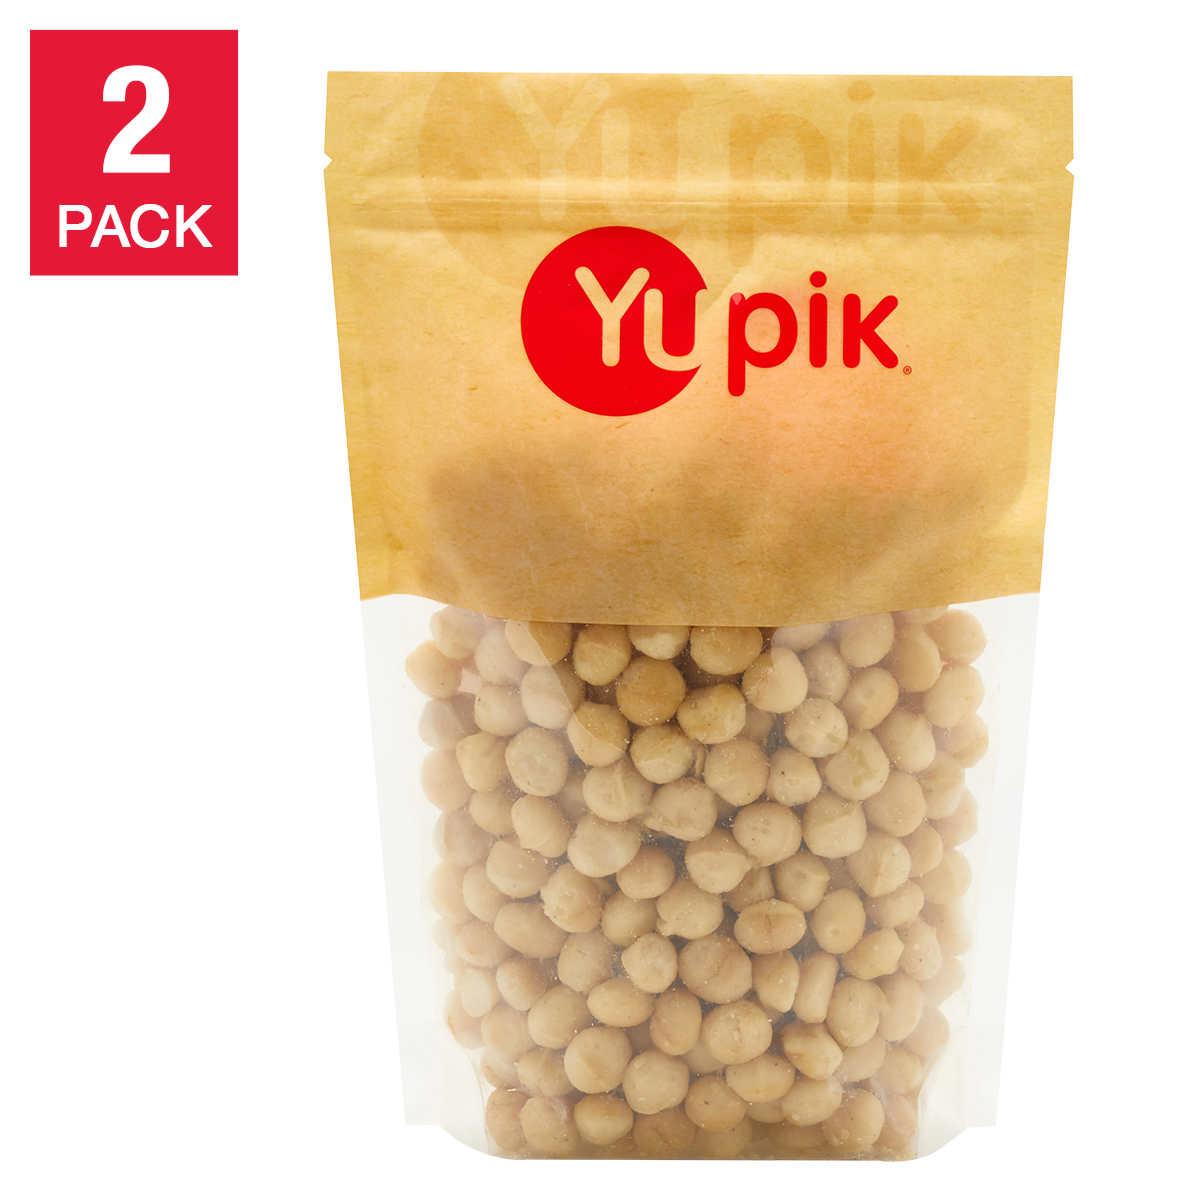 Yupik Macadamia Nuts, 1 kg (2 2 lb), 2-pack